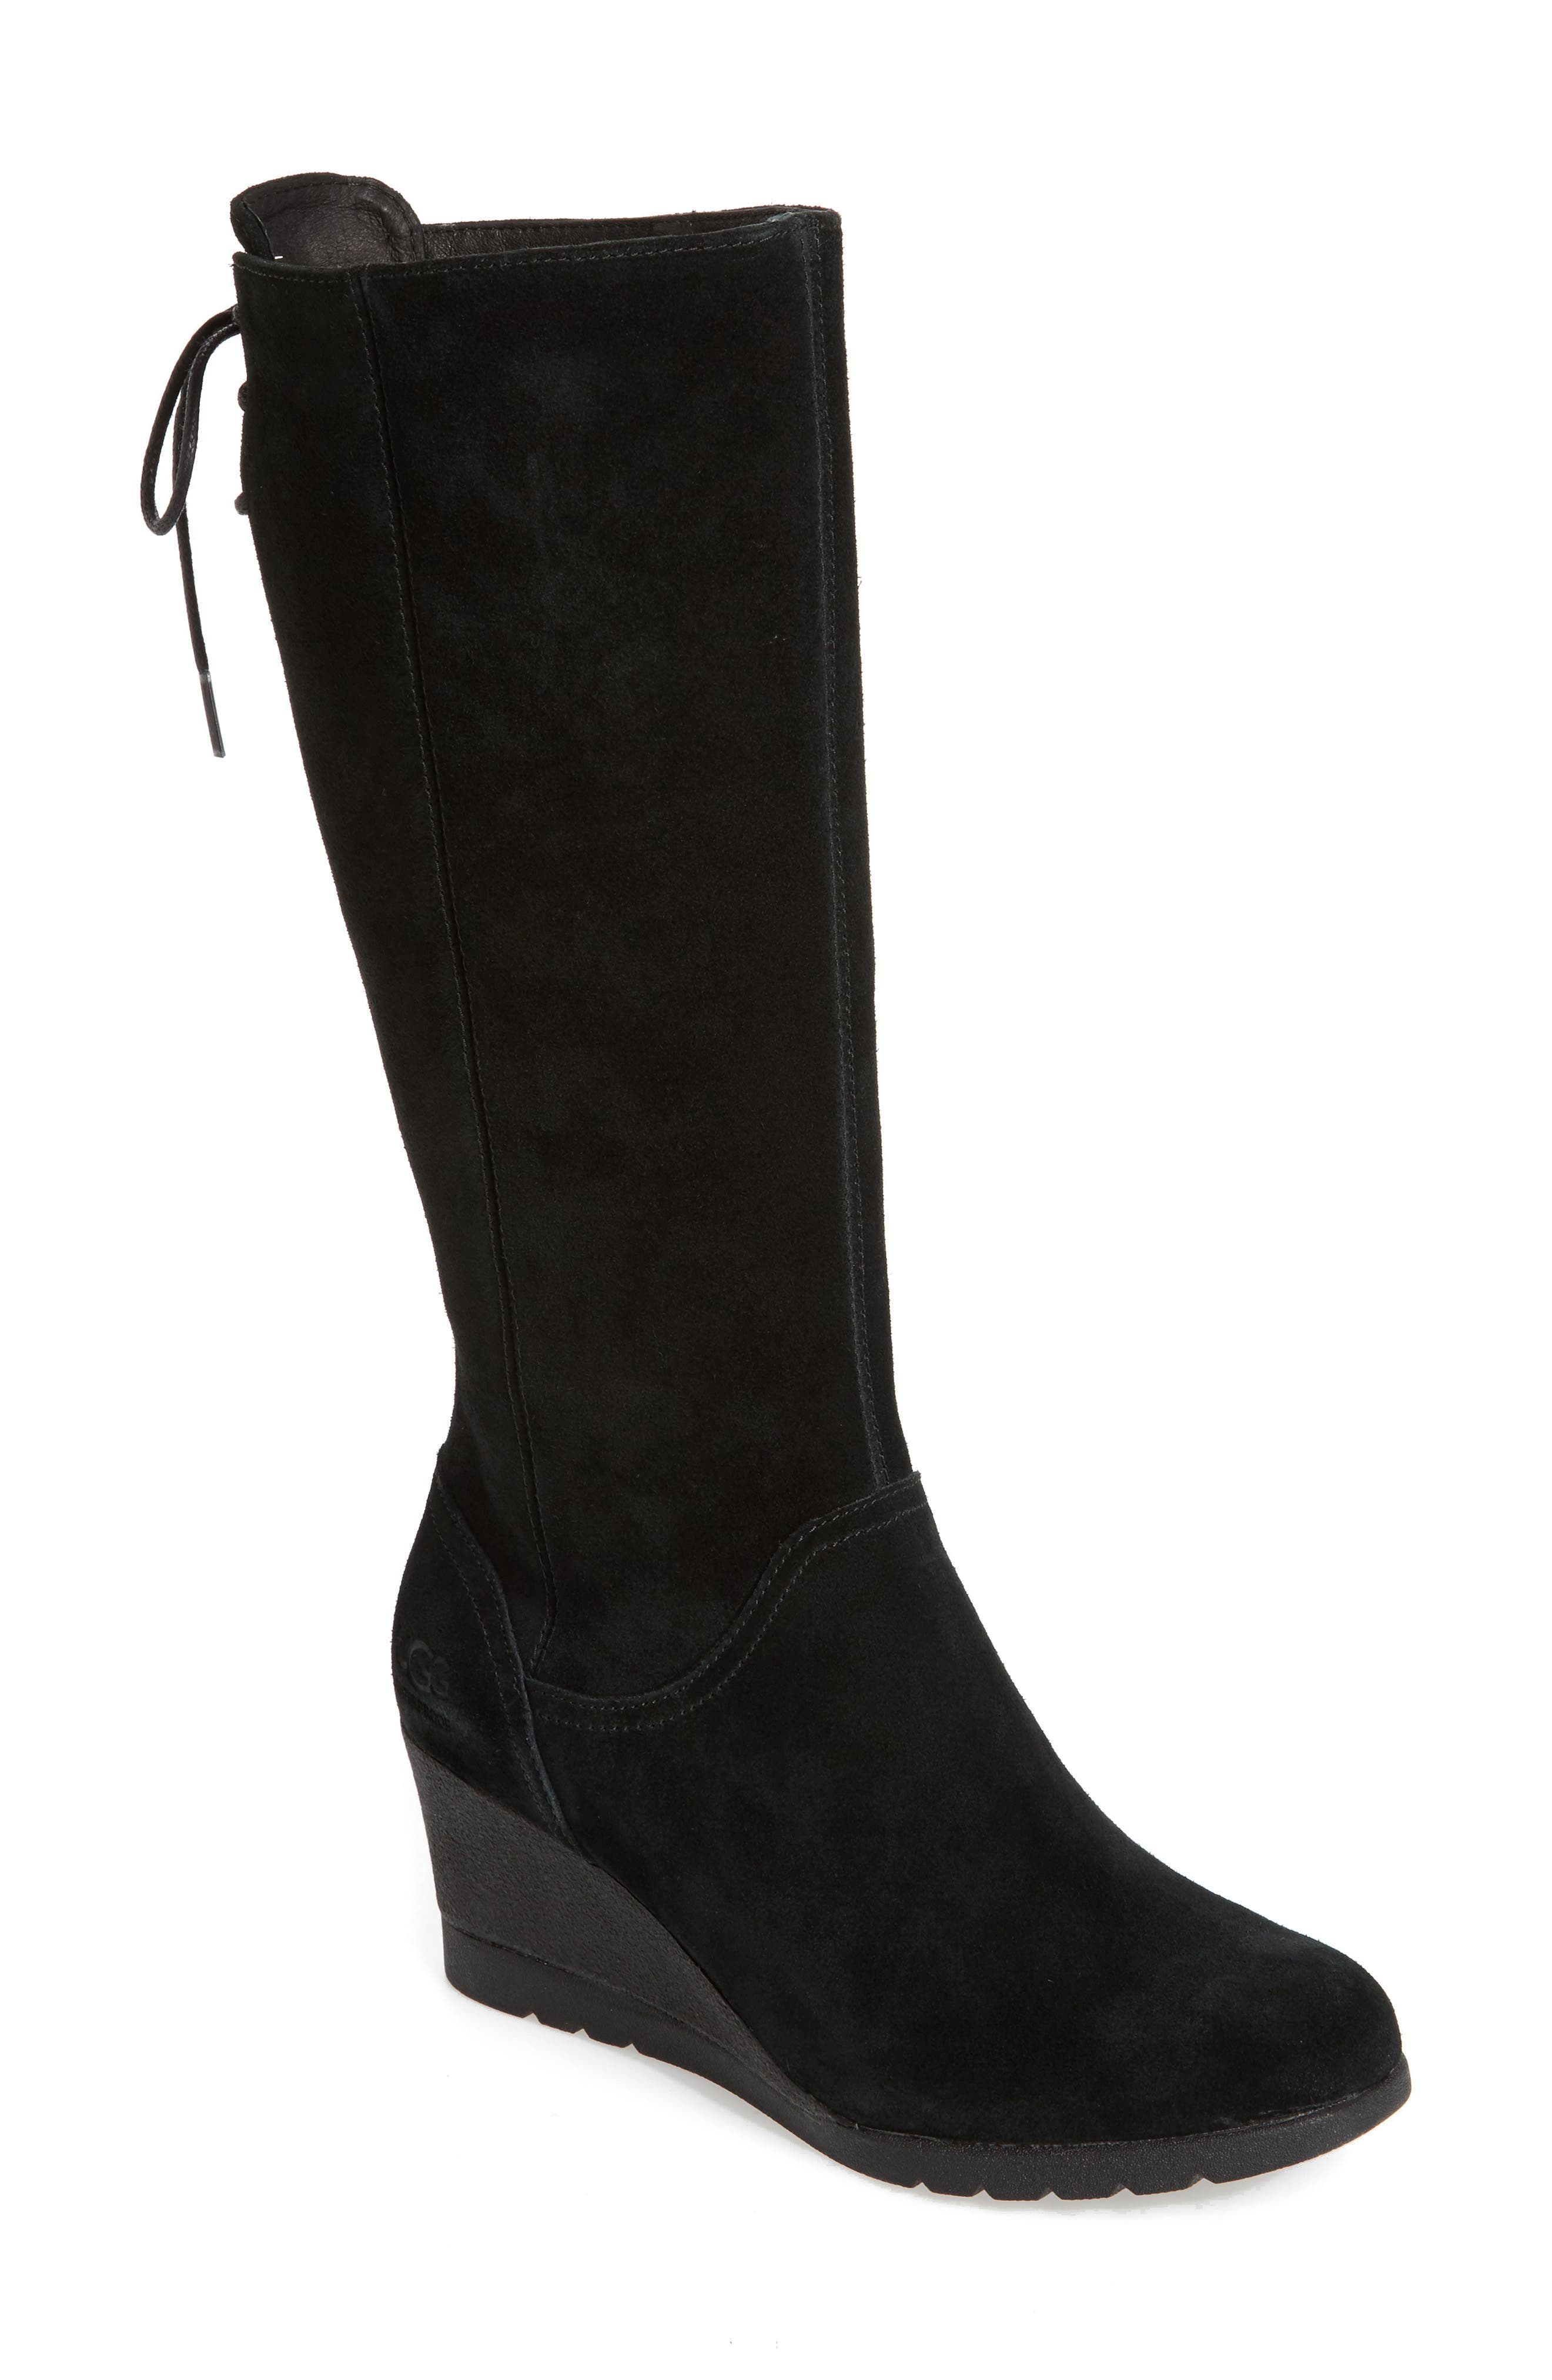 Ugg Dawna Waterproof Wedge Boot, Black